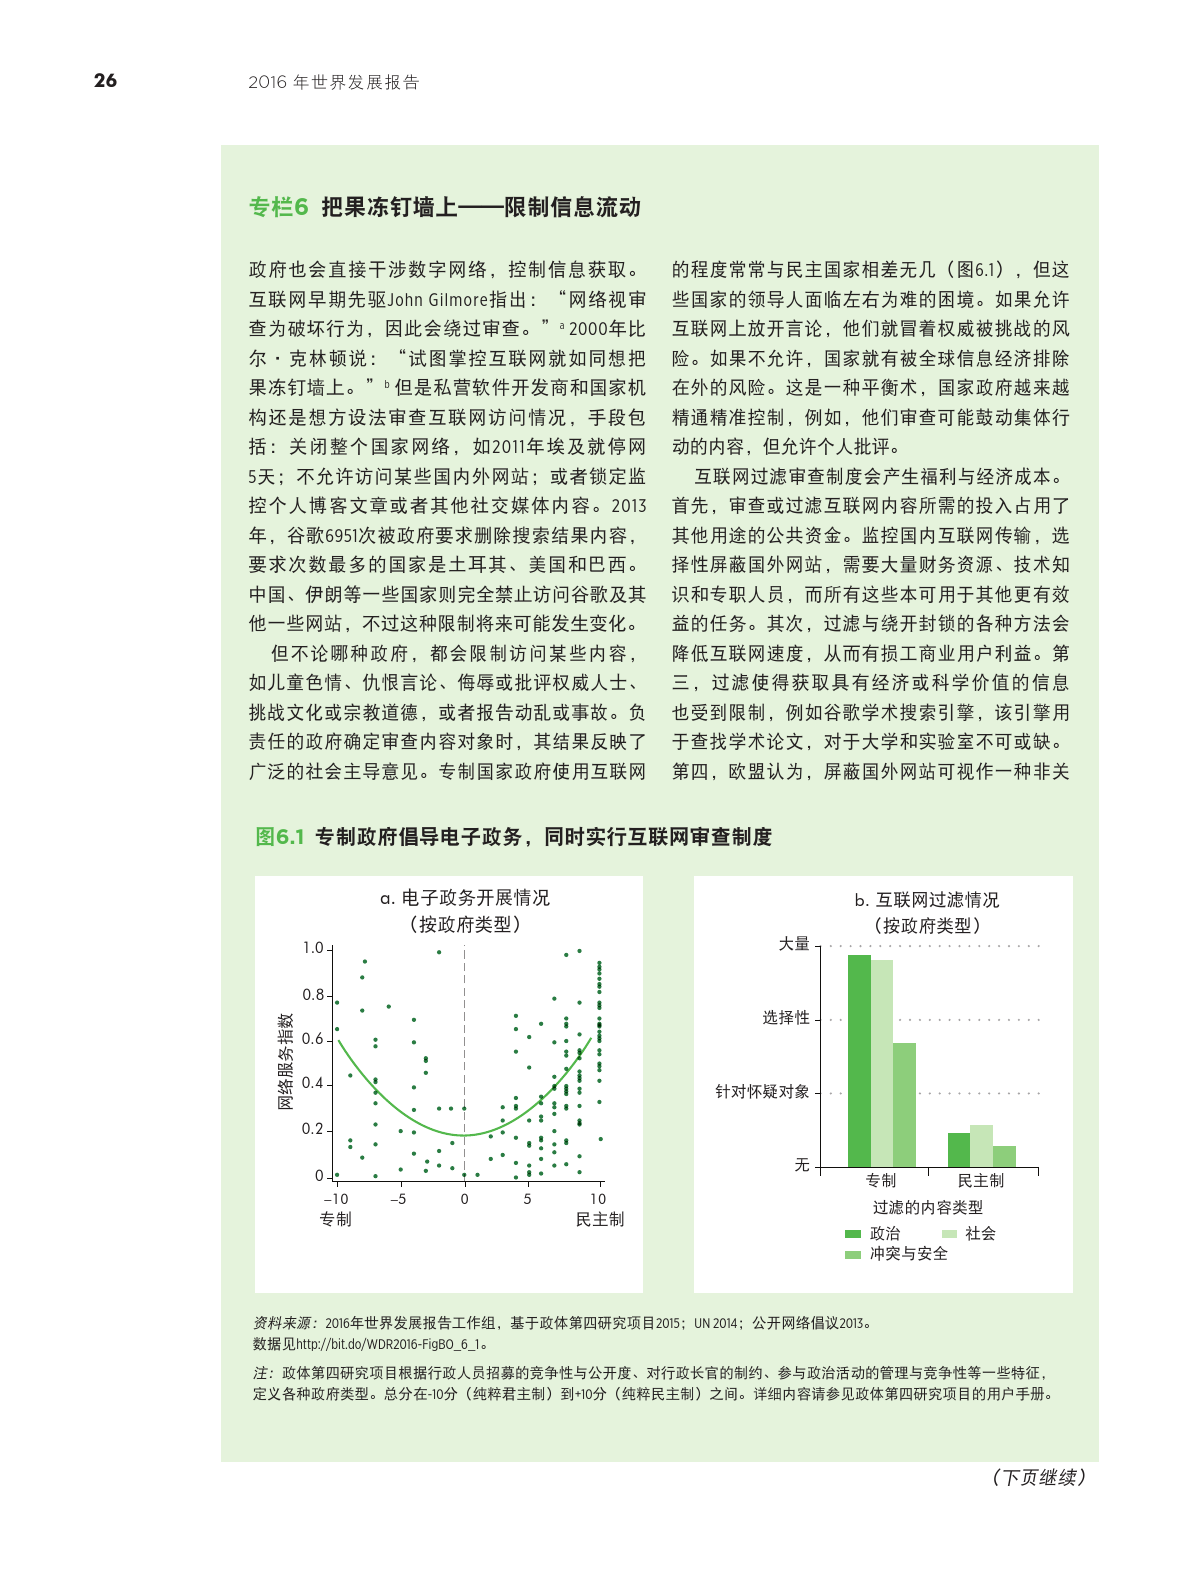 2016年世界发展报告-数字红利_000038